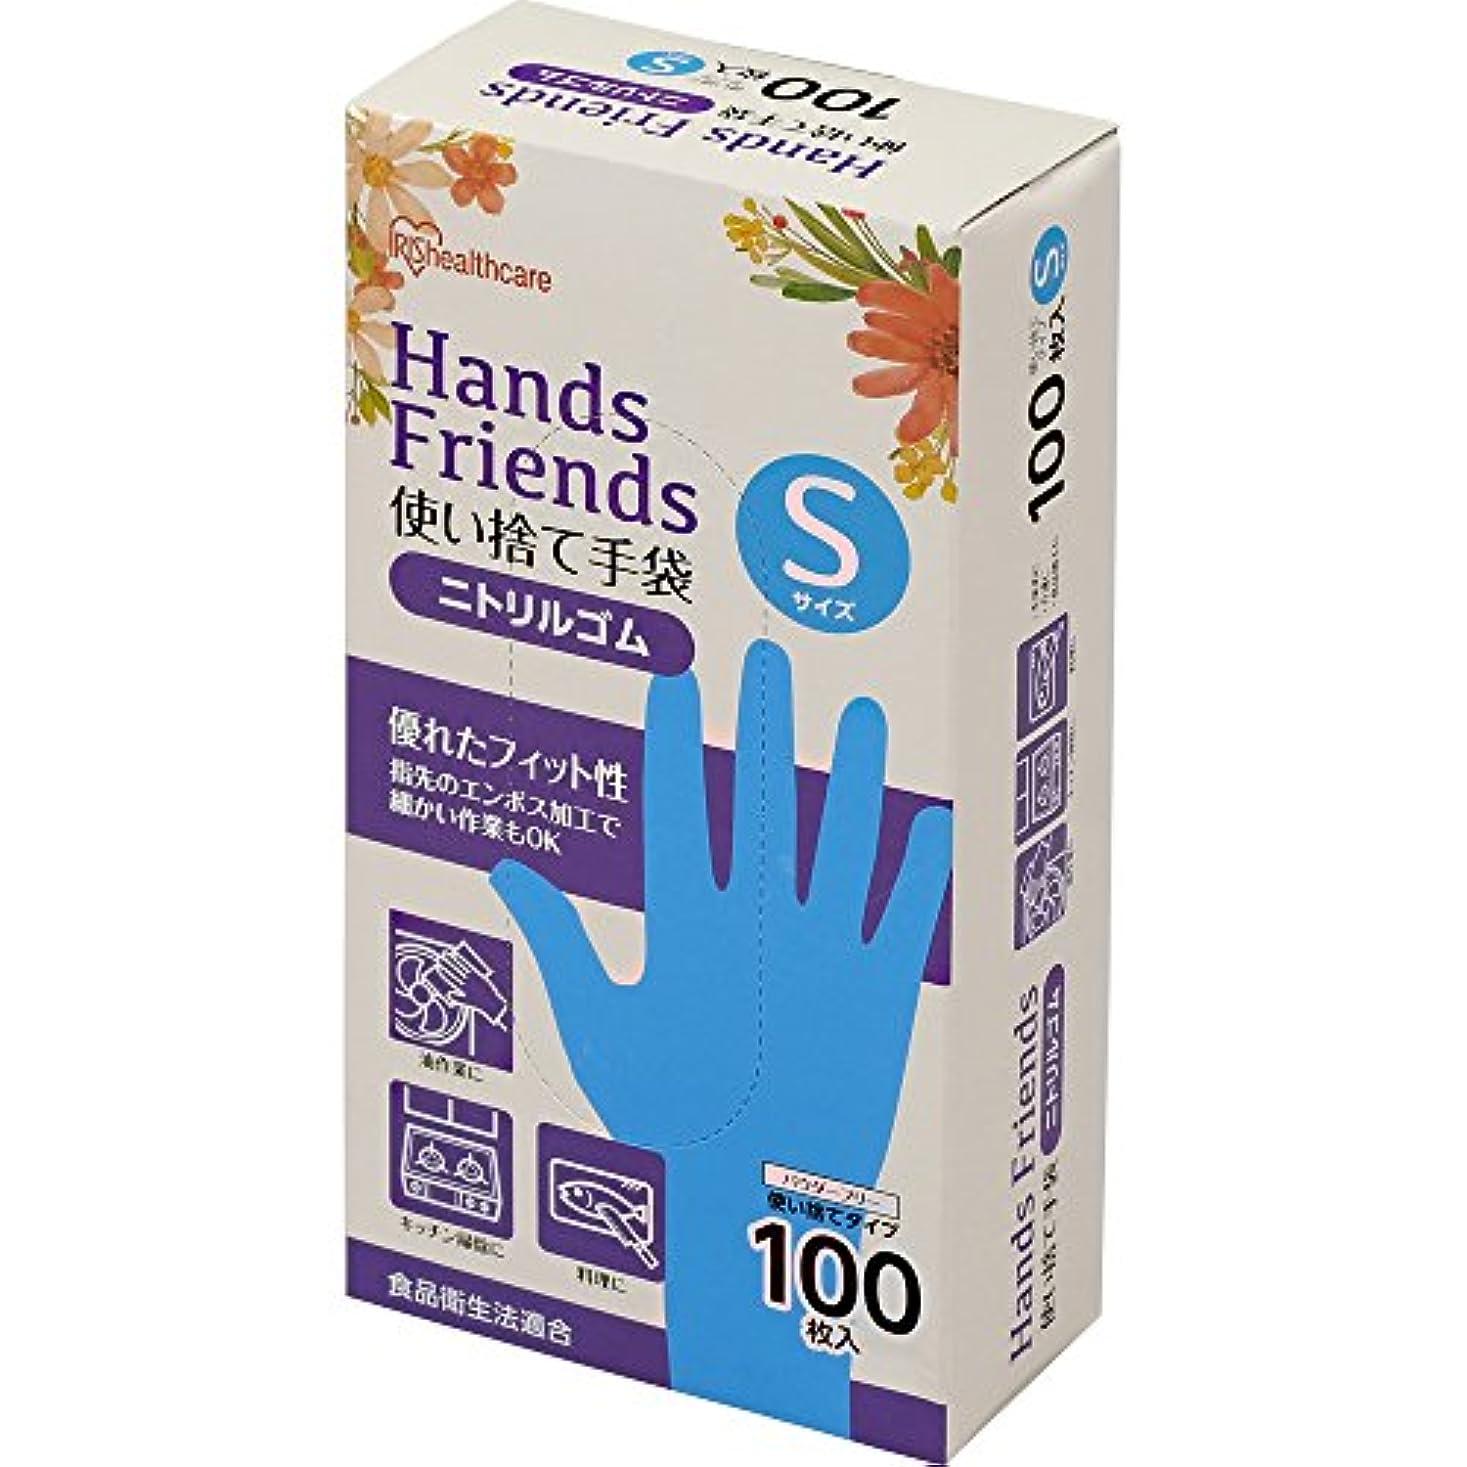 キッチンバズ動物園使い捨て手袋 ブルー ニトリルゴム 100枚 Sサイズ NBR-100S